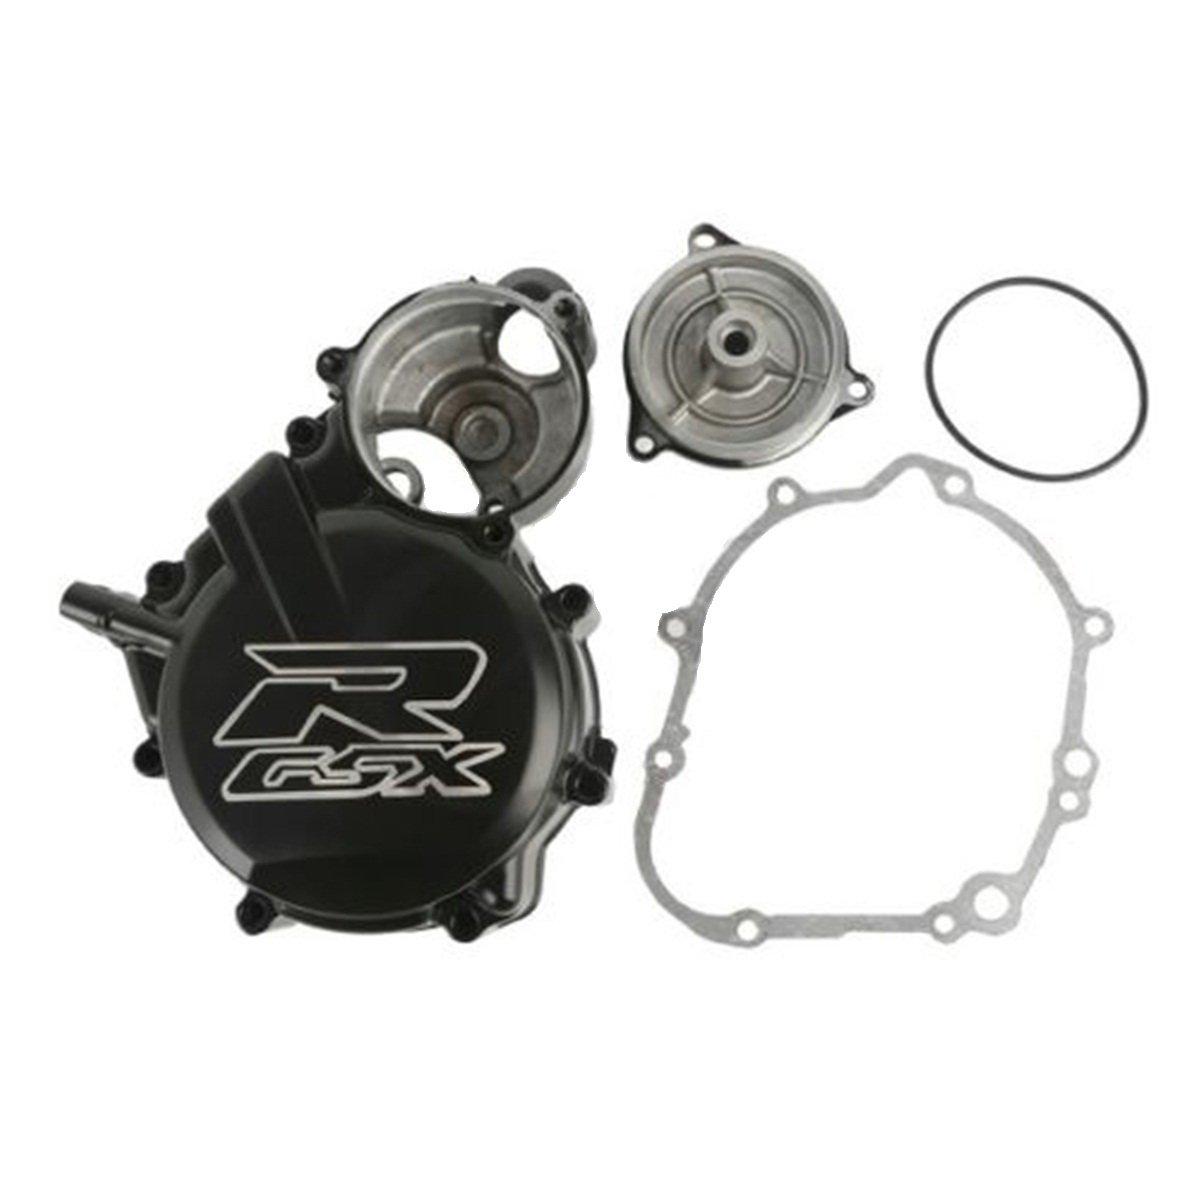 Engin Stator Crank Case Cover For Suzuki GSXR 600 750 GSX-R600 750 2006-2016